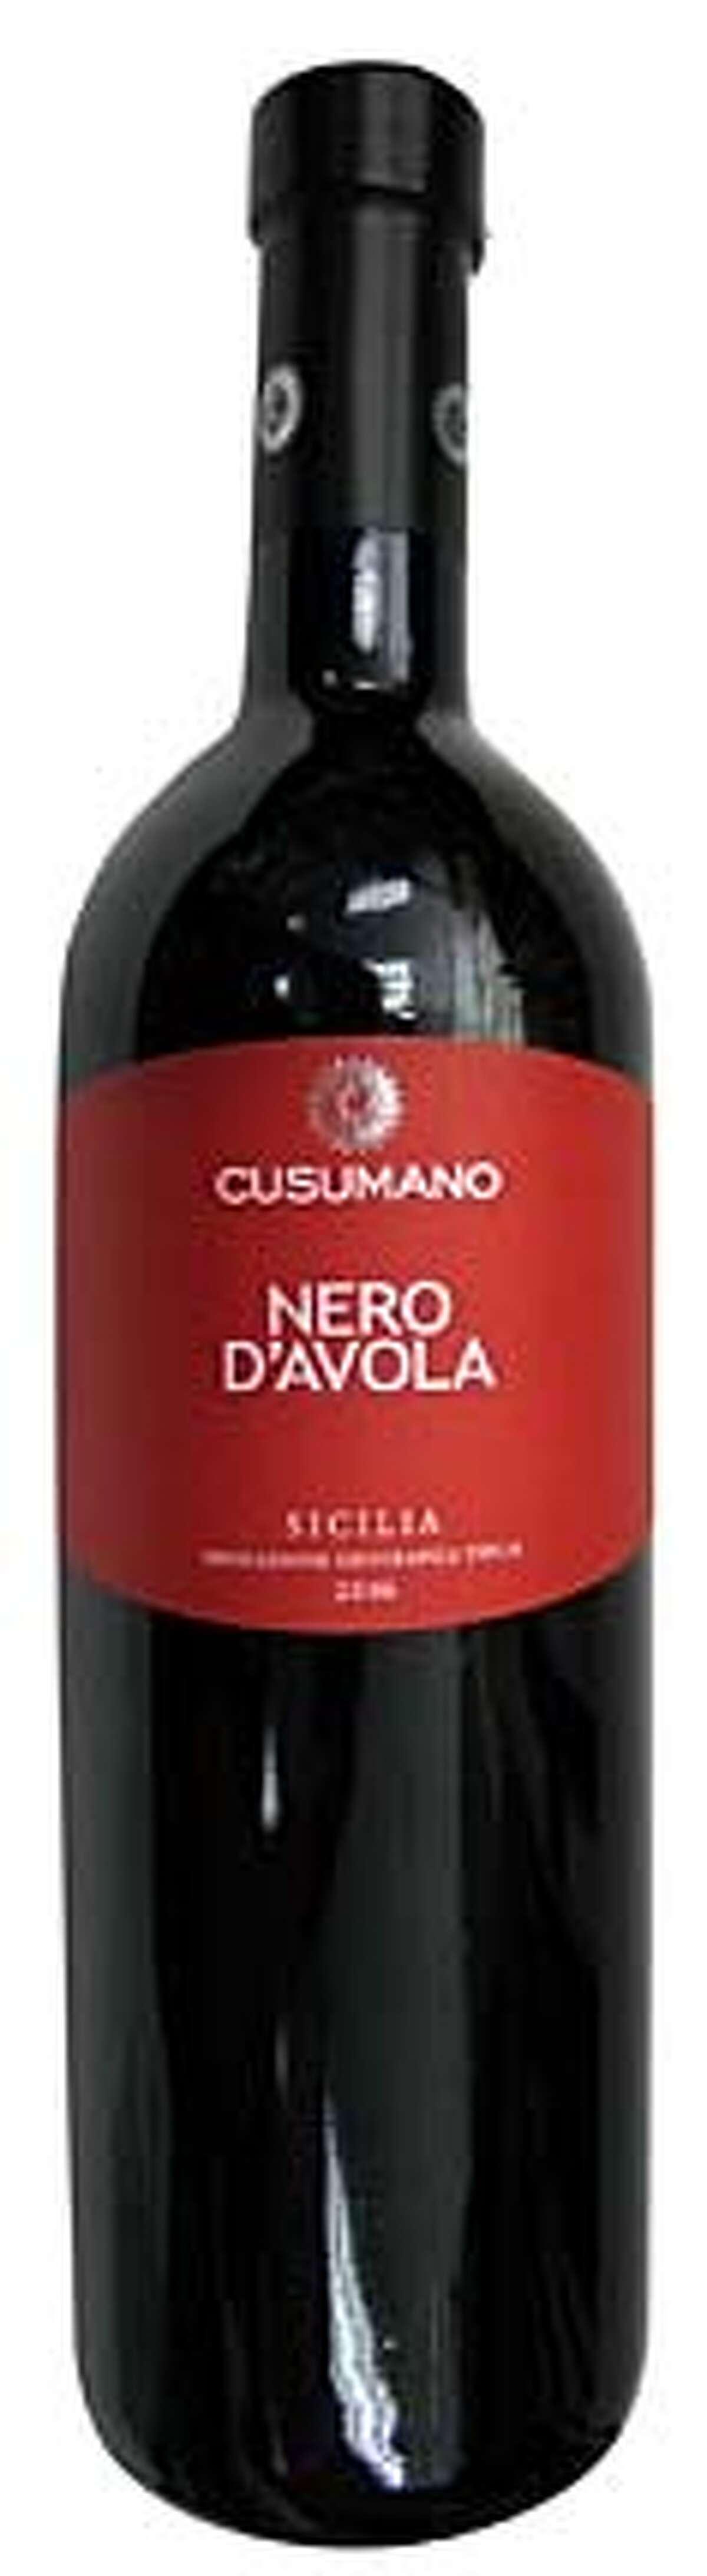 IN OUR GLASSES: Cusumano Nero D'Avola Sicilia Indicazione Geografica Tipica 2006